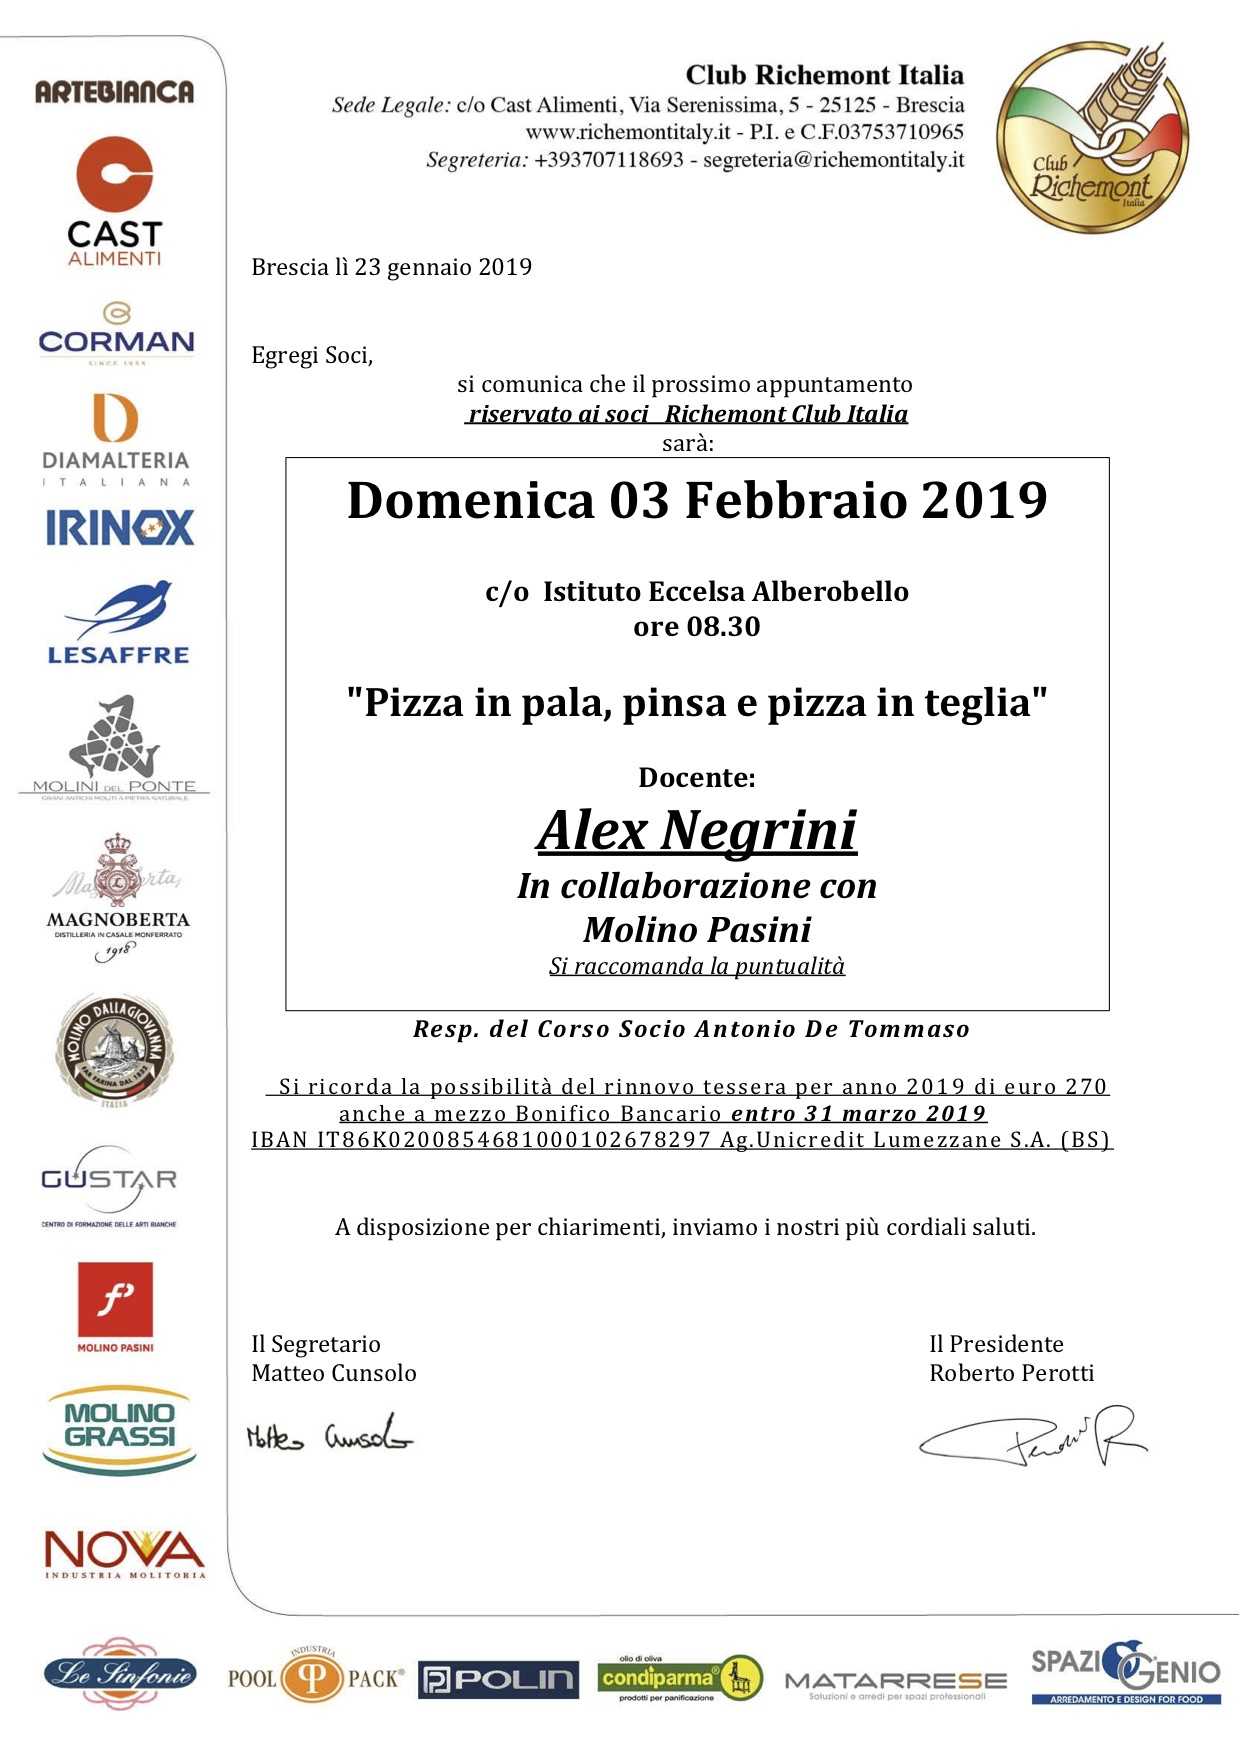 incontro-sez-sud-03_02_19-alex_negrini_molino_pasini